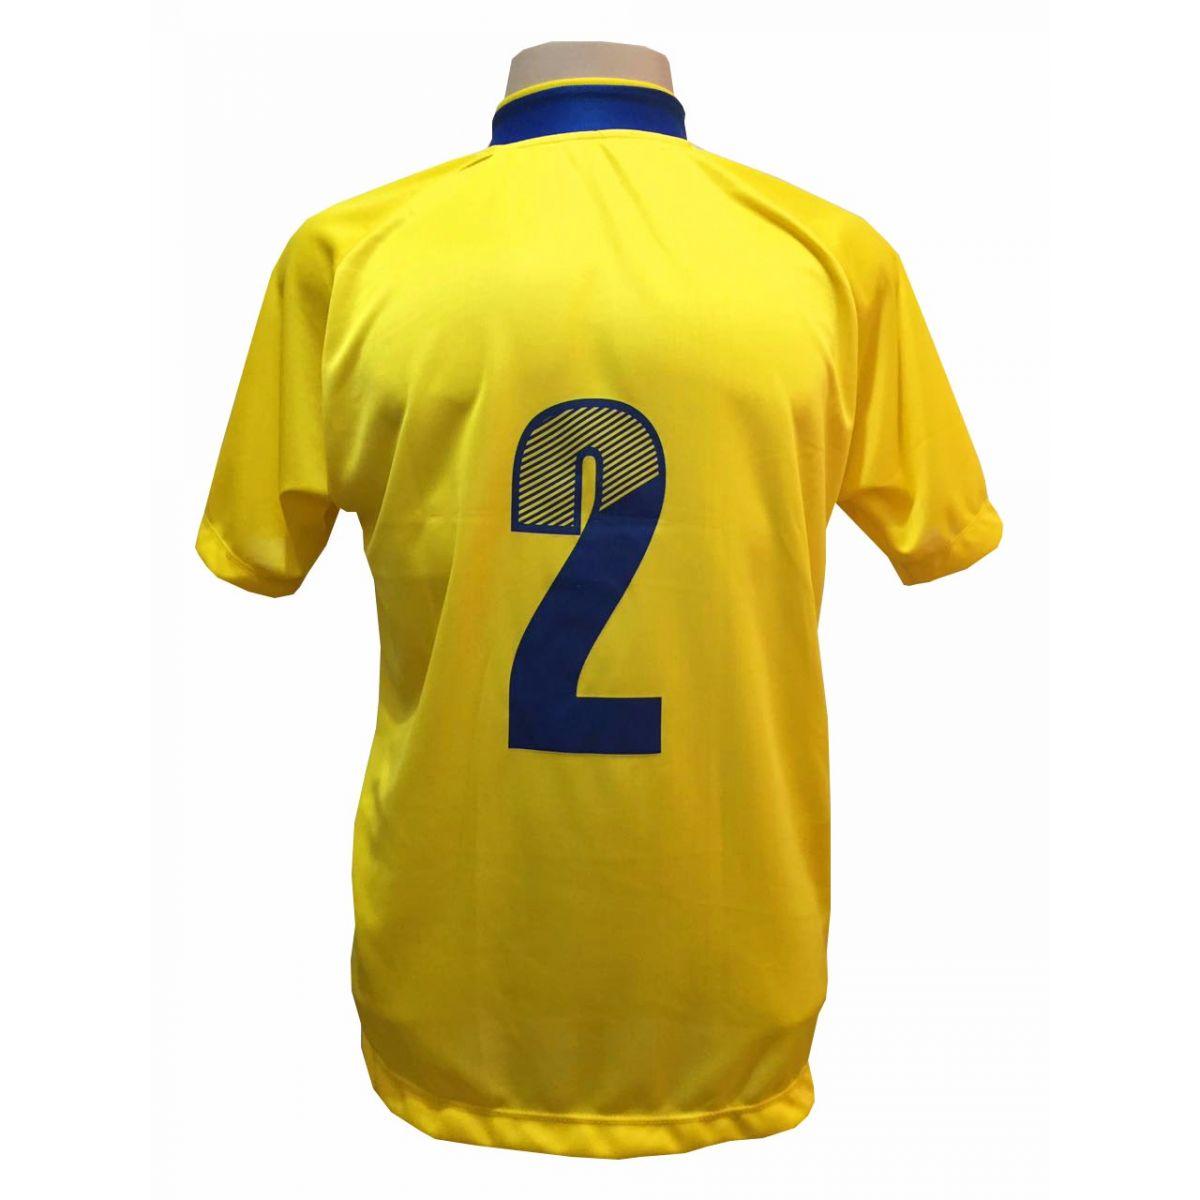 Uniforme Esportivo com 12 Camisas modelo Milan Amarelo/Royal + 12 Calções modelo Madrid Amarelo